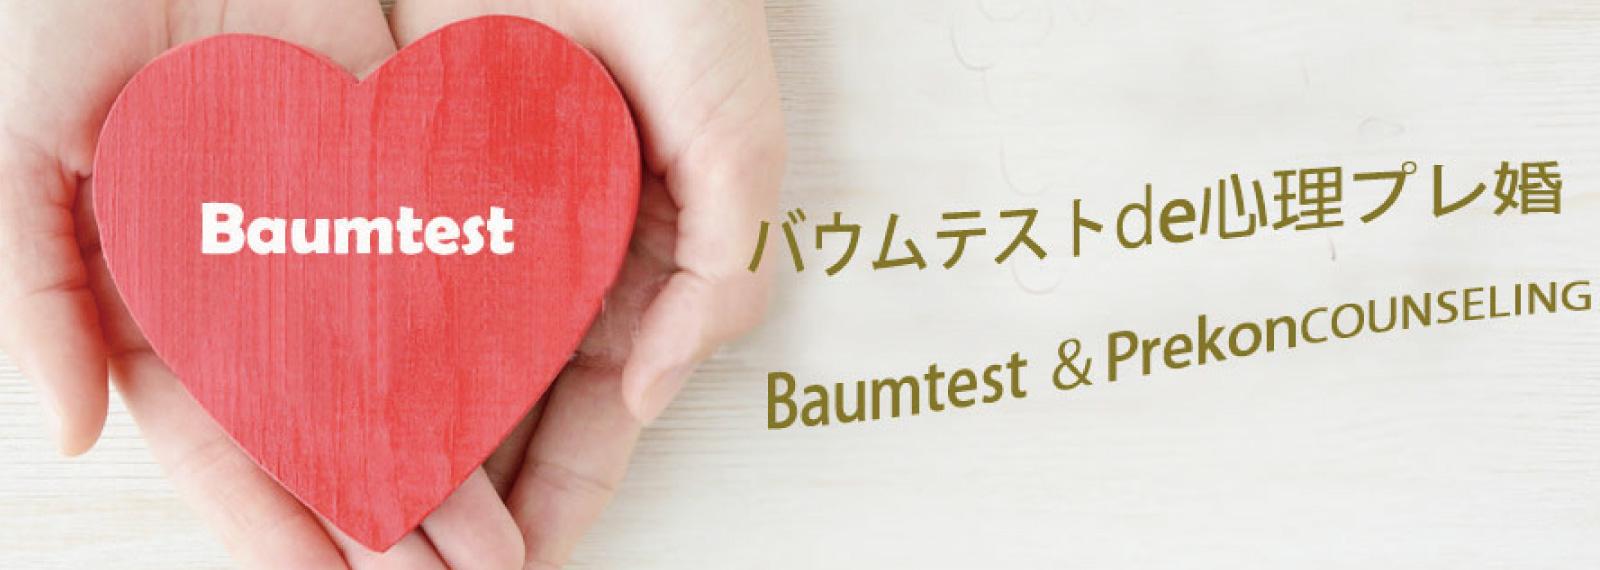 バウムテスト診断で婚活カウンセリングは大阪のMARUMARON